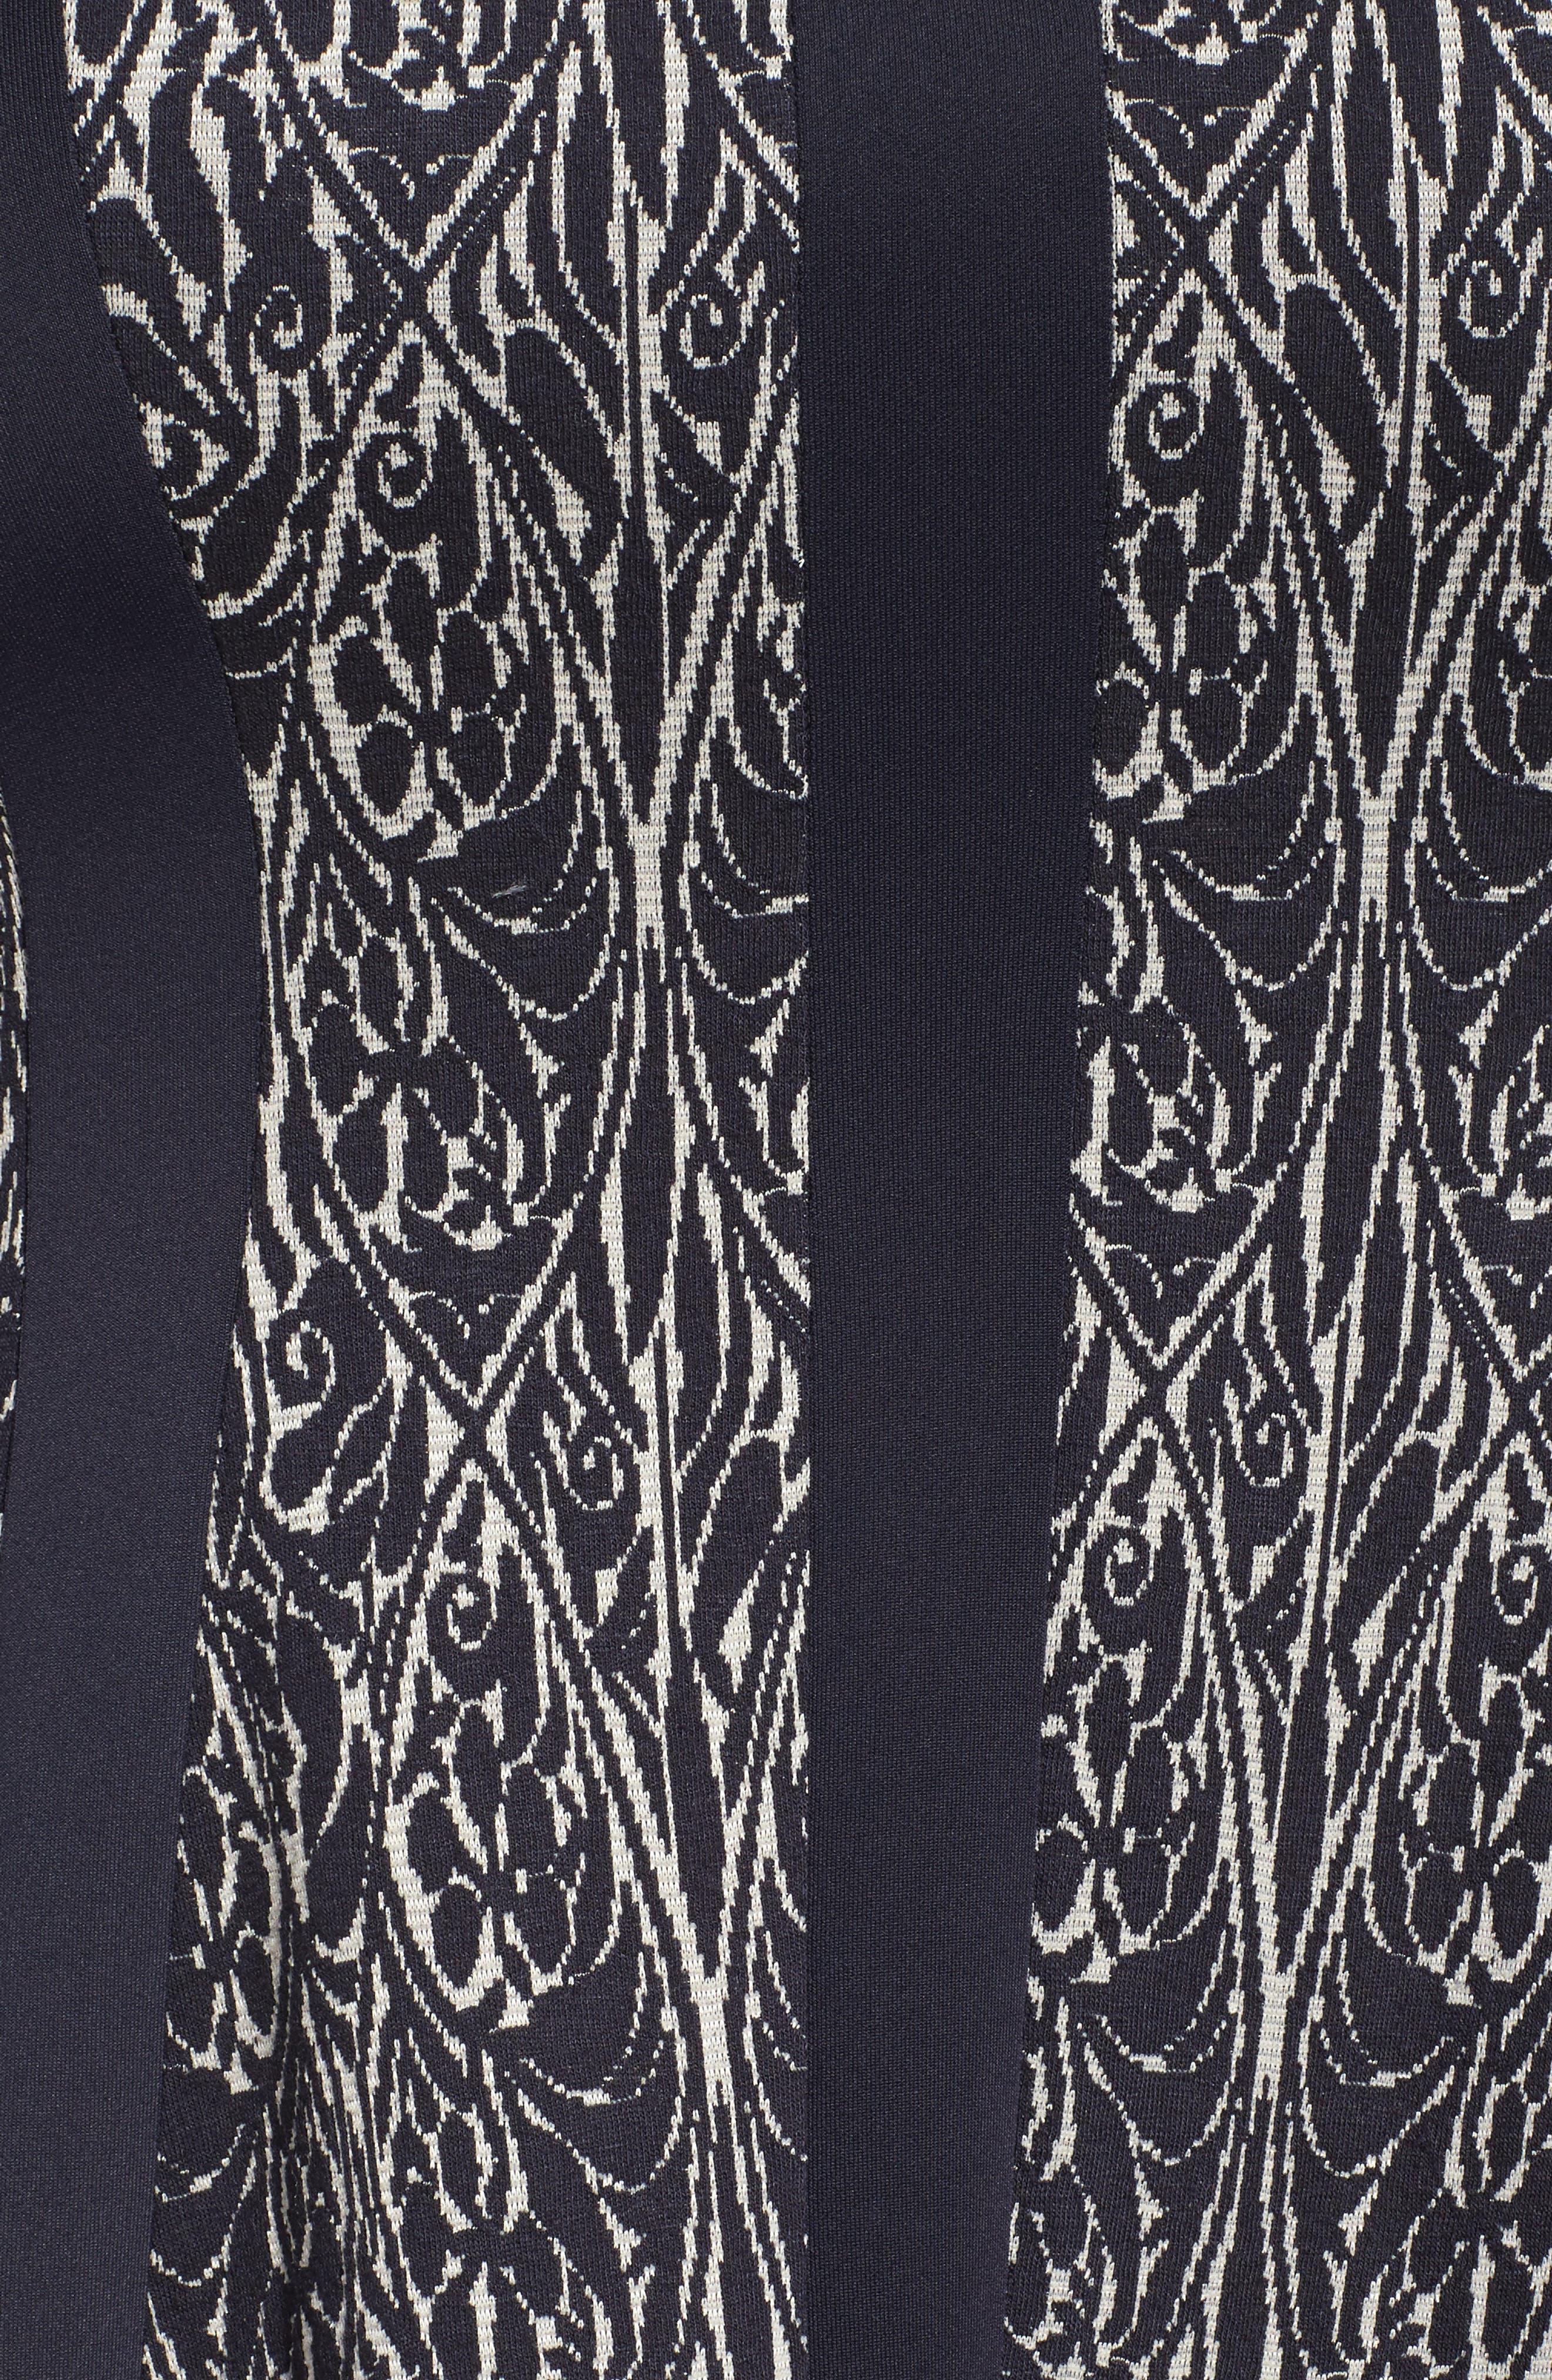 Jacquard Knit A-Line Dress,                             Alternate thumbnail 5, color,